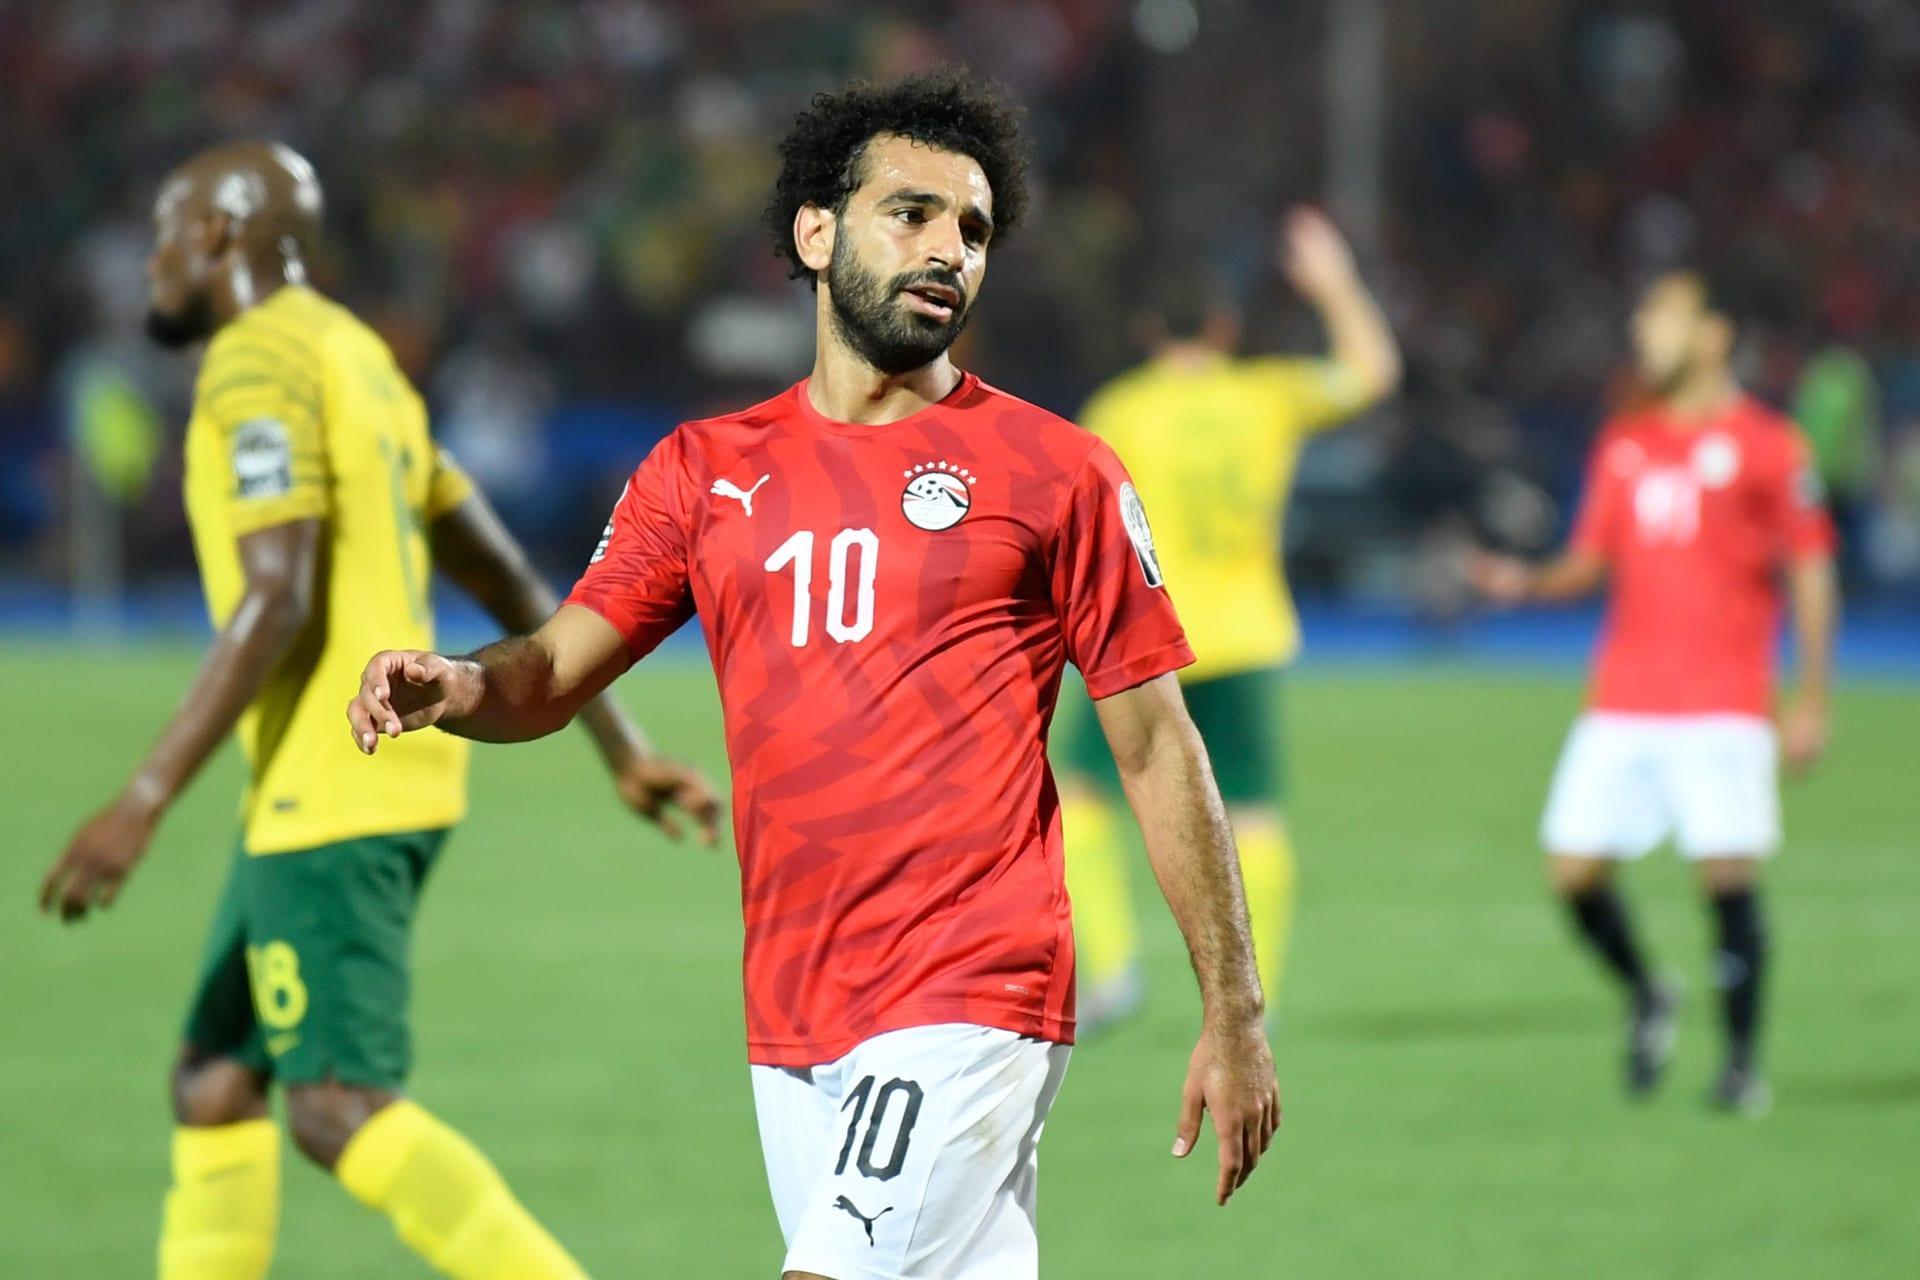 كيف كان سيكون شكل محمد صلاح لو مثل منتخب مصر في كأس العالم 1970؟